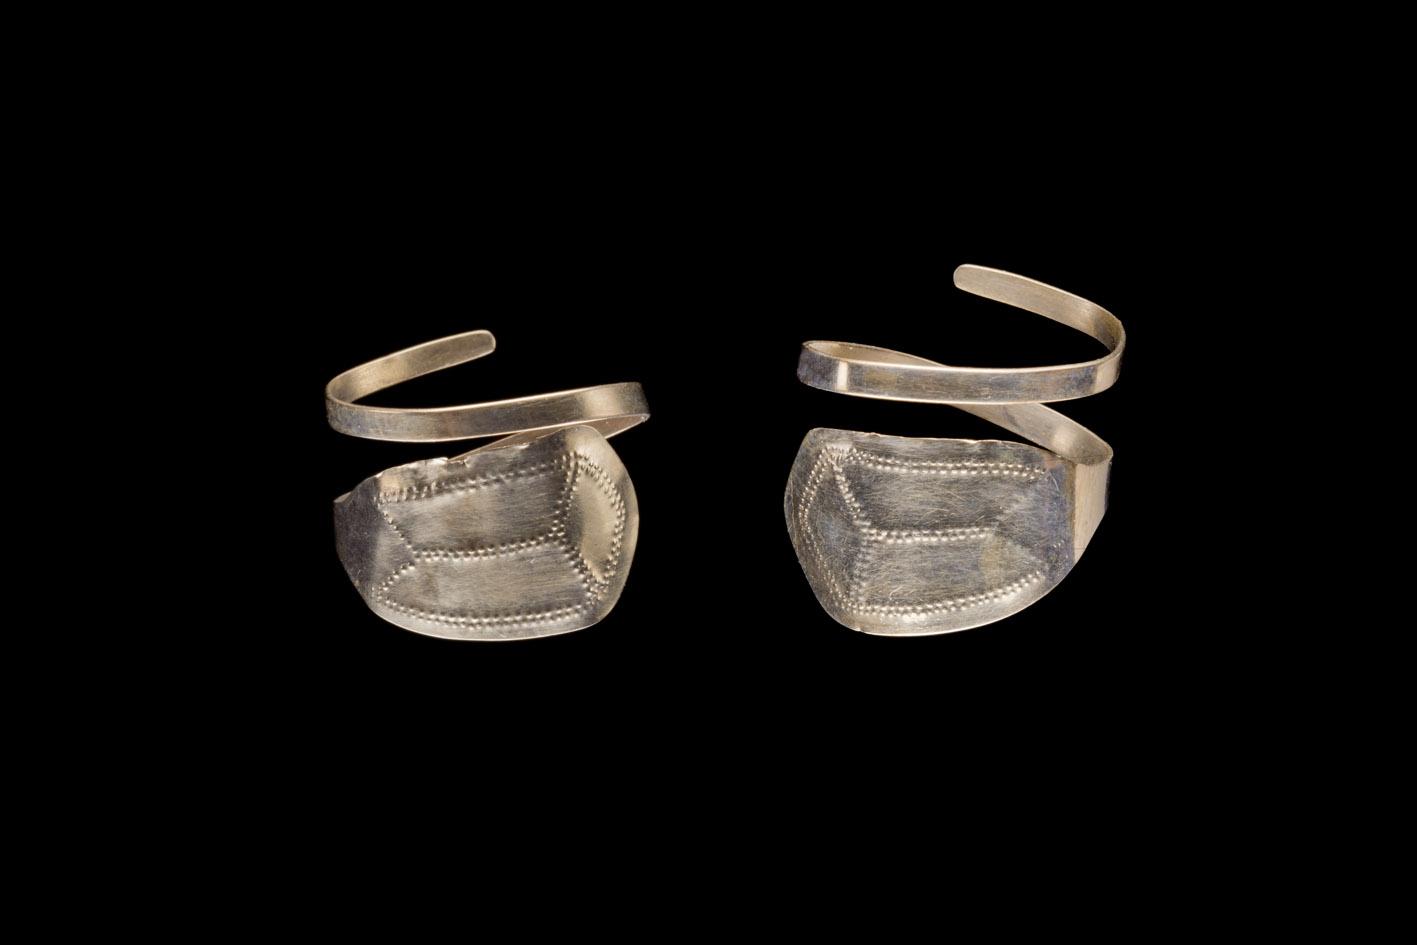 Zwei kurze silber-goldene Spiralen mit je einer flachen Endplatte